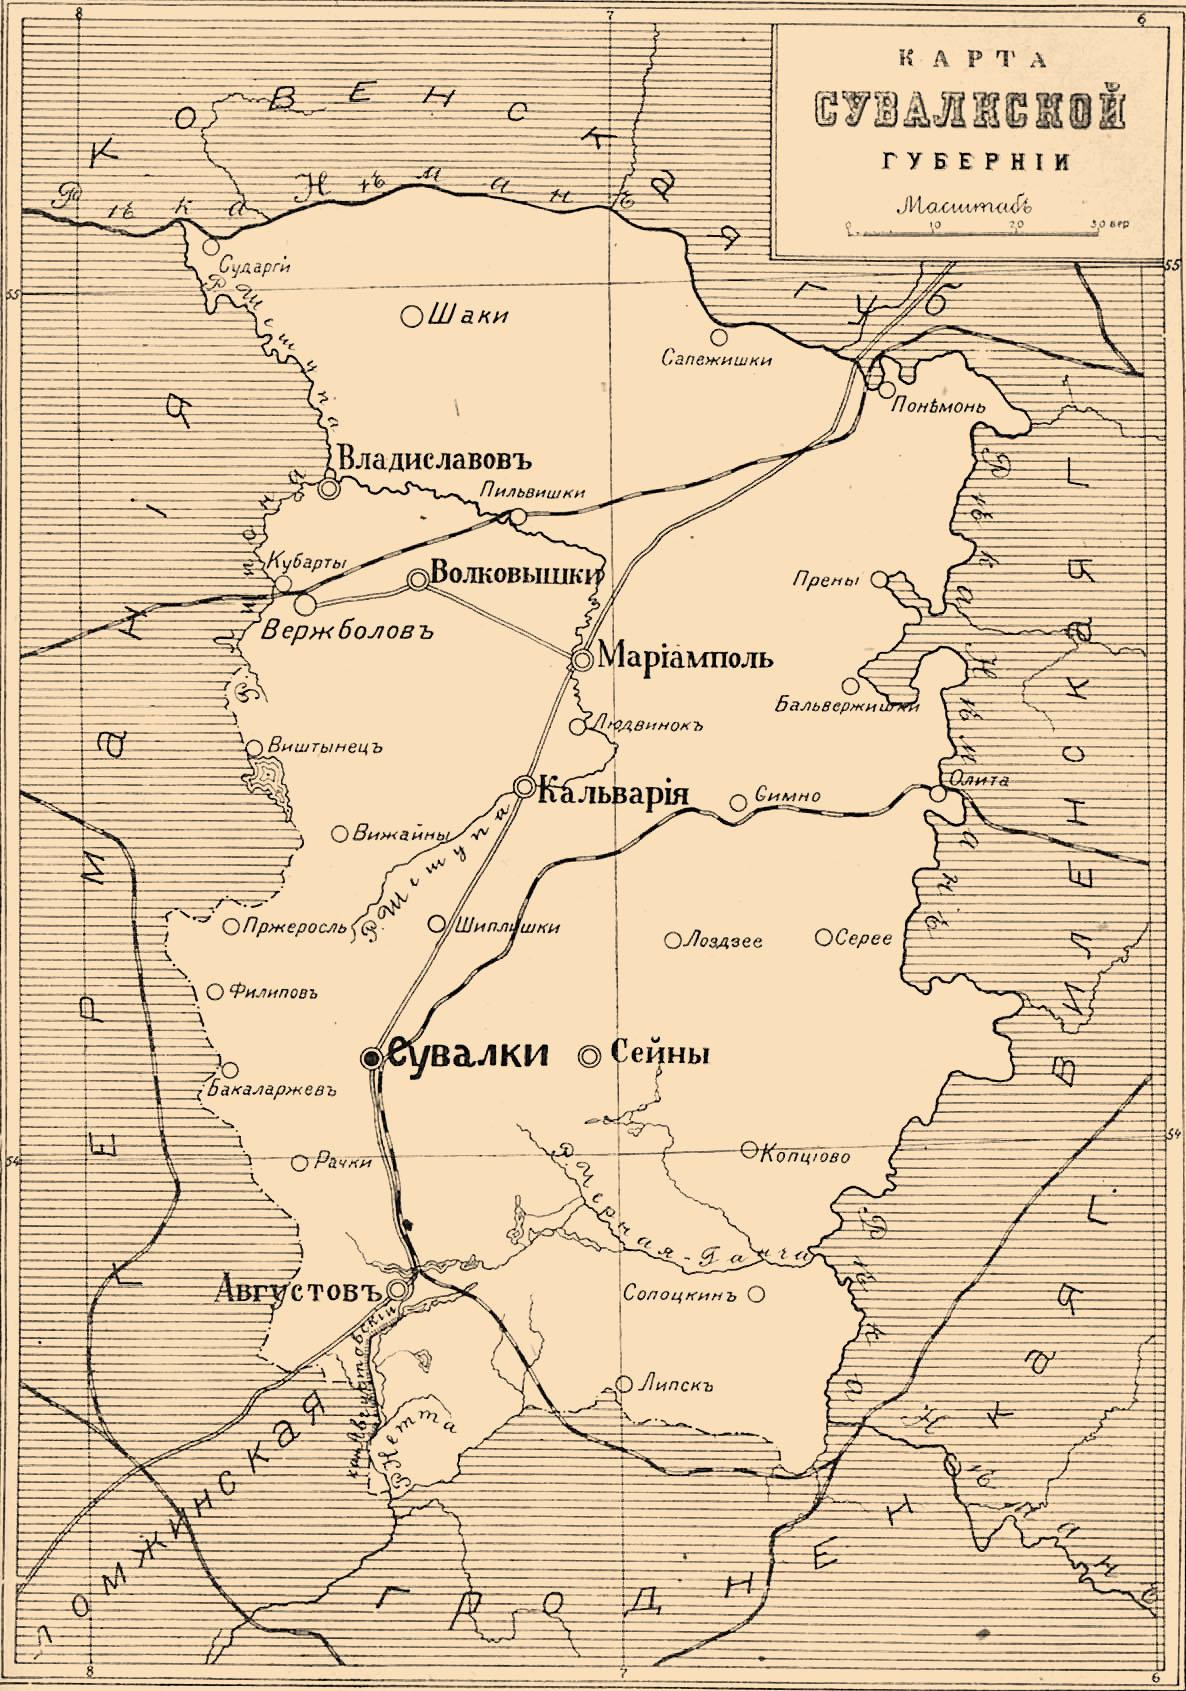 сувалкской губернии на 1872 год праздники ходу были